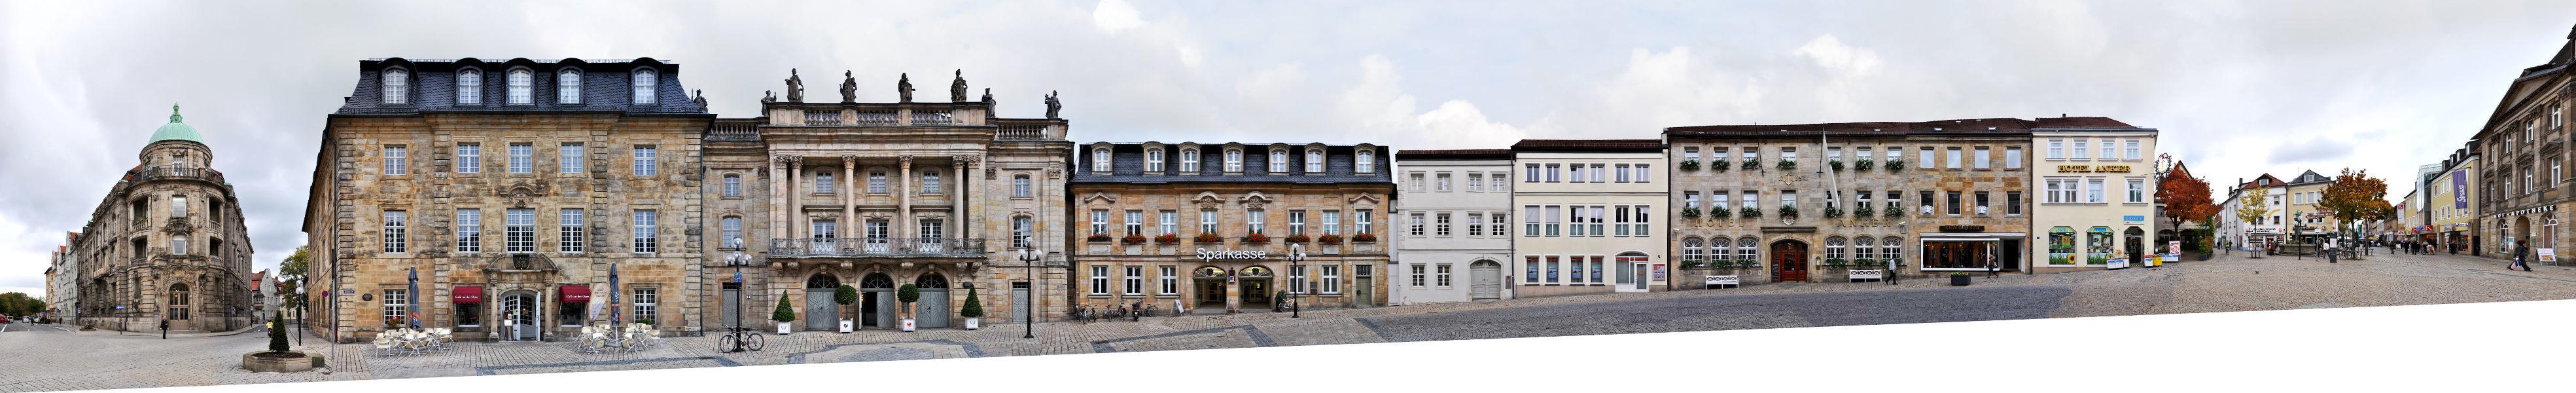 Opernstraße | Markgräfliches Opernhaus